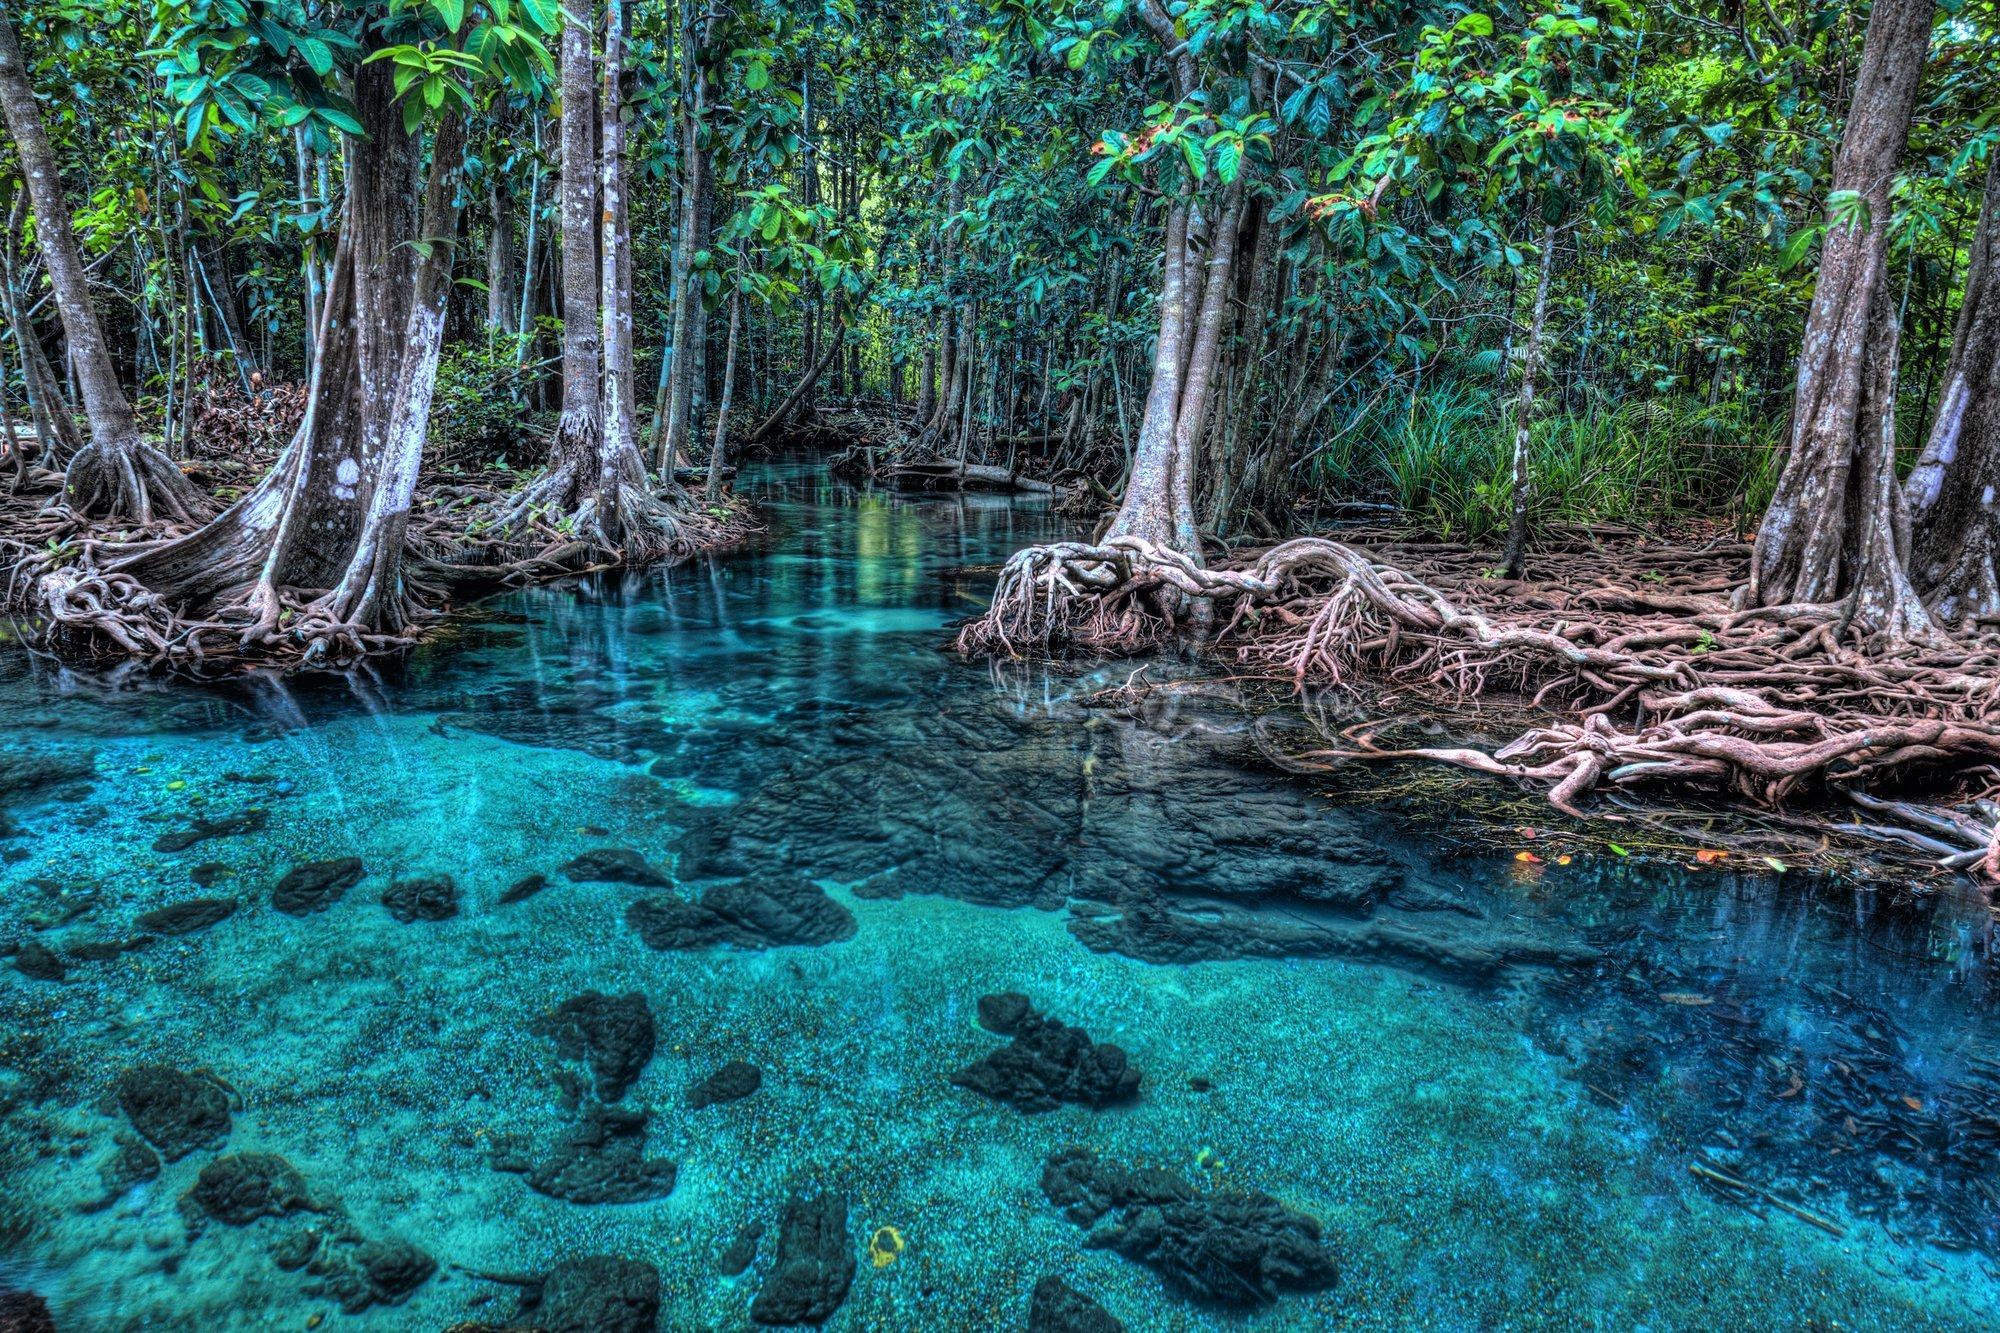 Das Bild zeigen einen Mangrovenwald, der direkt am Meer wächst. Das Wasser ist hellblau und durchsichtig, die Bäume haben geheimnisvoll verschlungene Stämme und Äste.